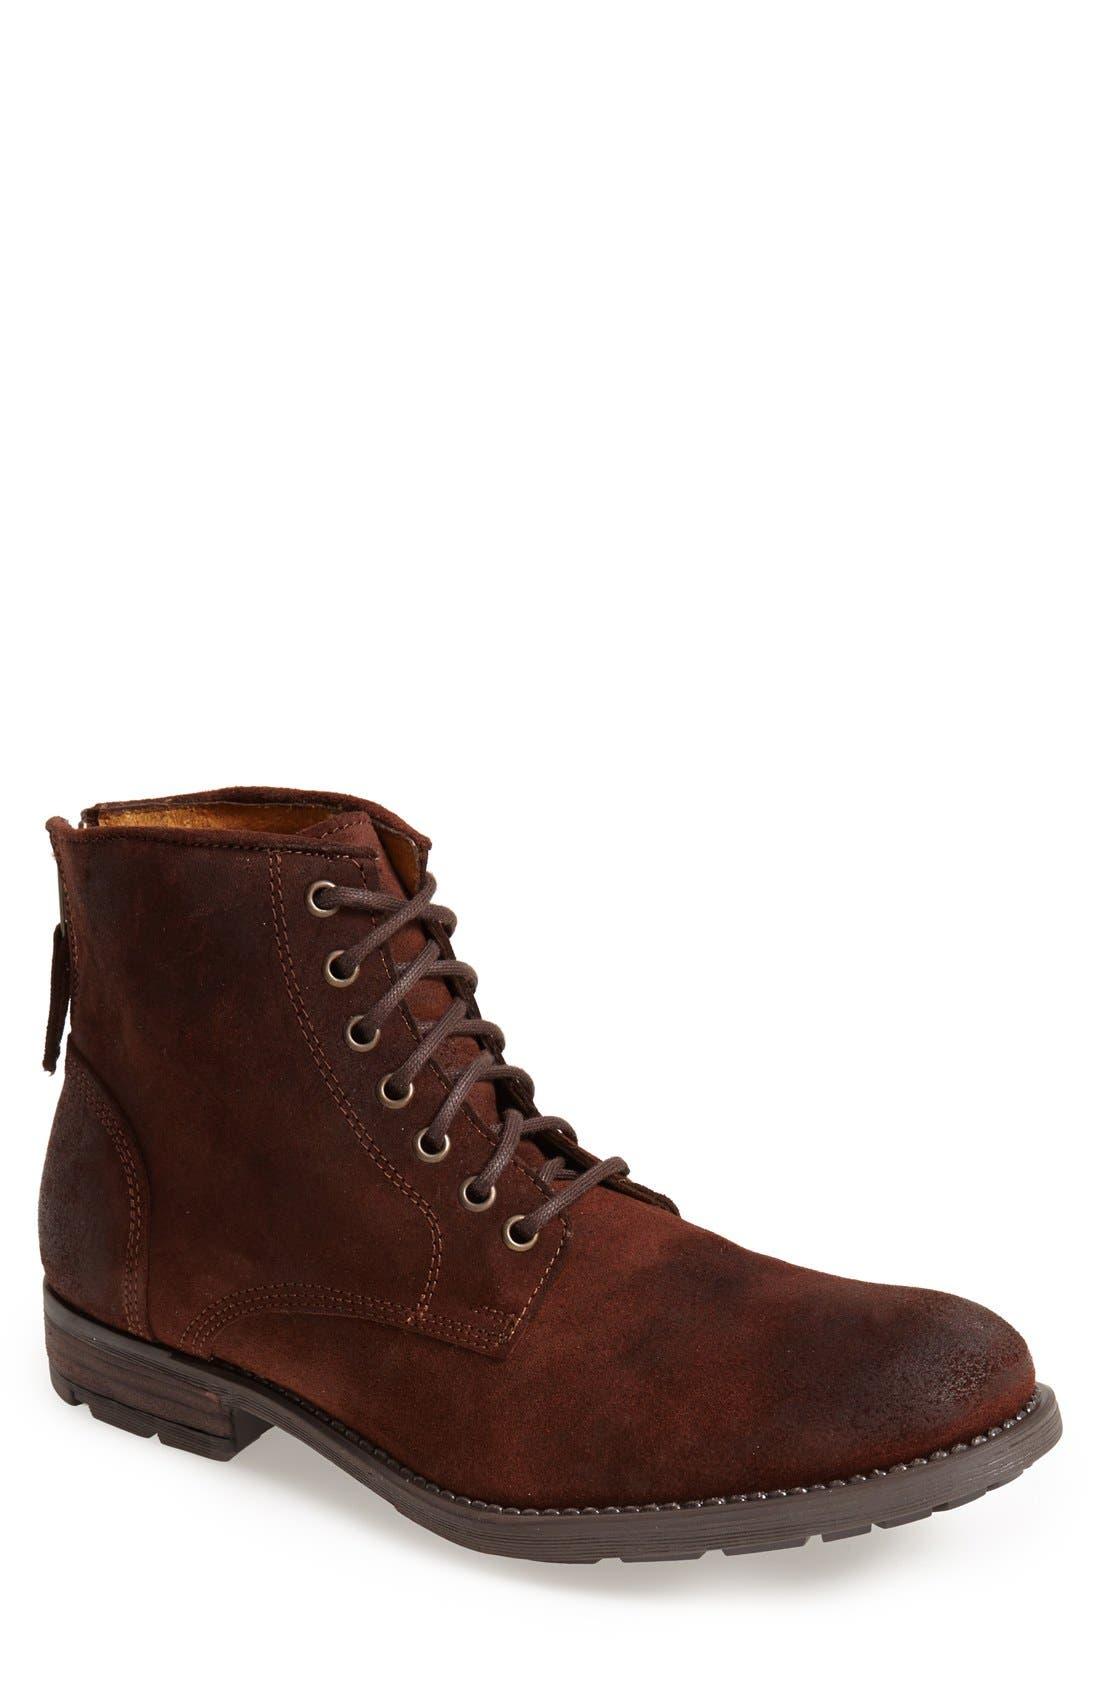 Plain Toe Boot, Main, color, 200